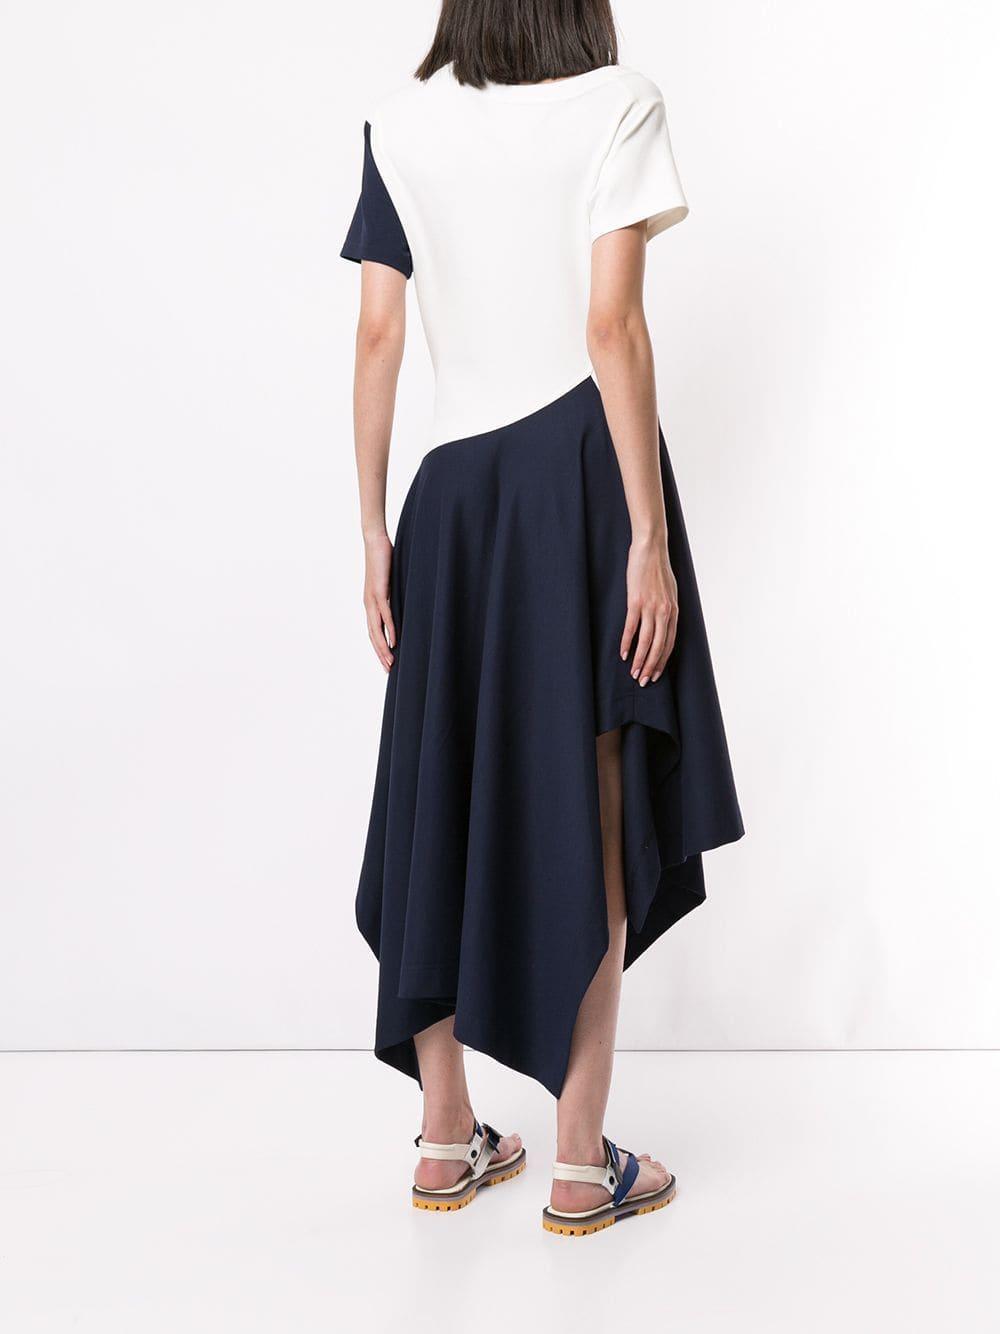 Vestido estilo camiseta asimétrico Monse de Tejido sintético de color Azul